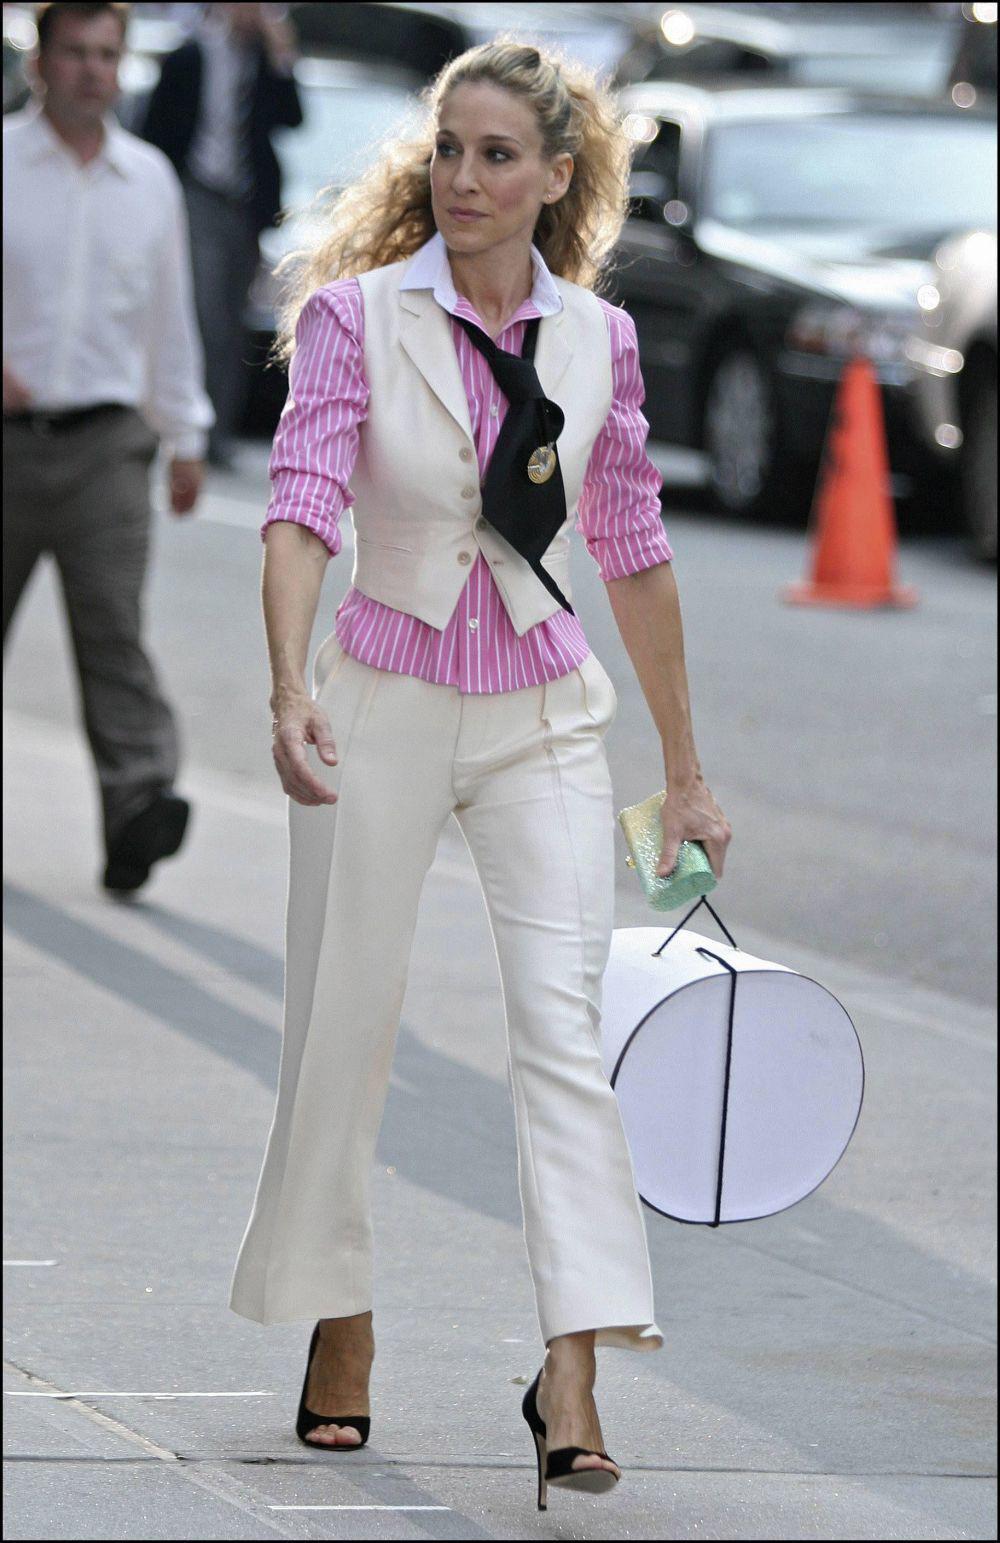 Te puede interesar: La guía de estilo de Carrie Bradshaw, el personaje que nos sigue fascinando